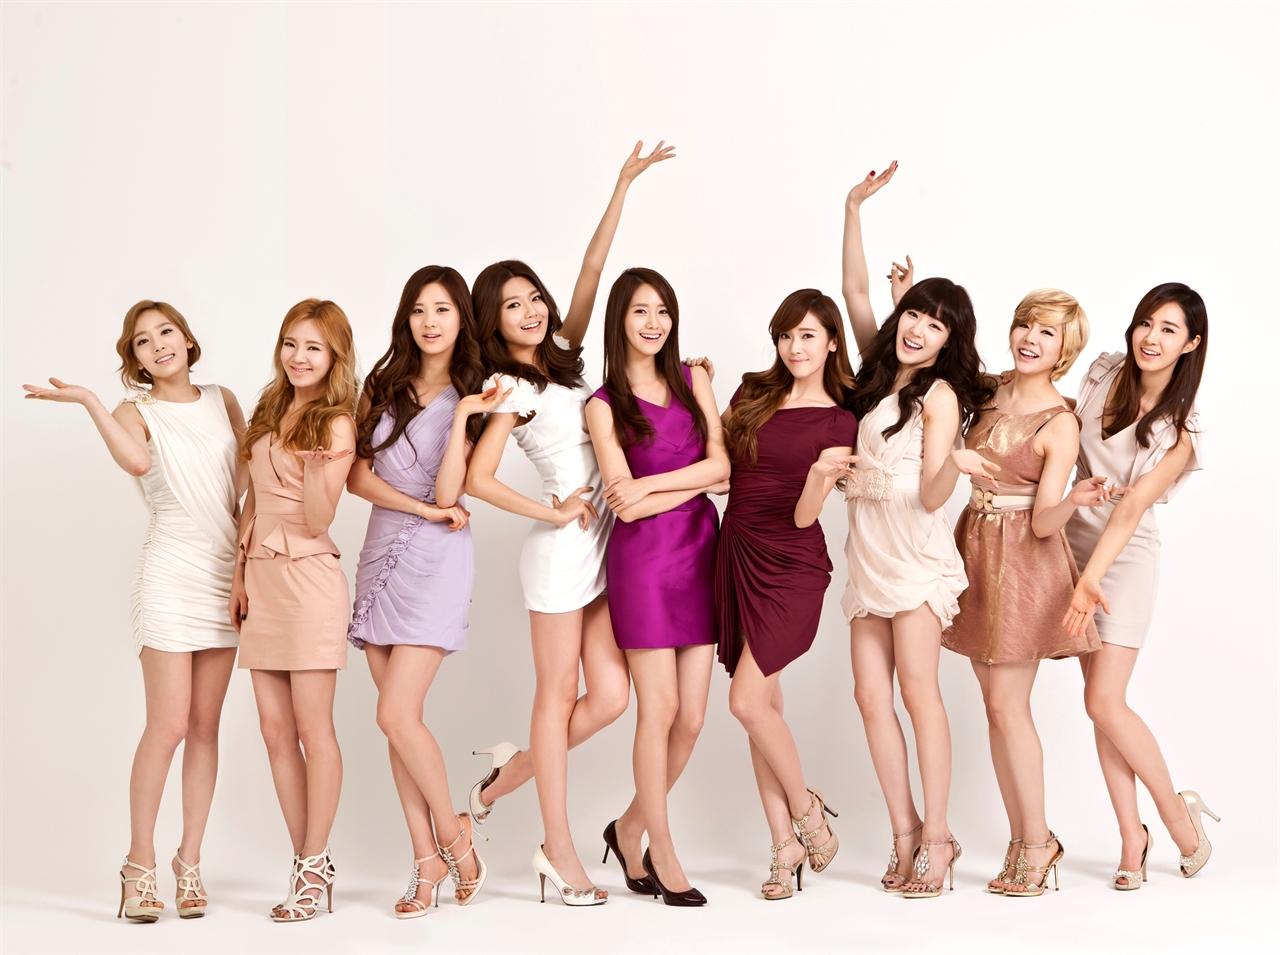 소녀들은 아이돌과 같은 외모를 갖고 싶어한다.